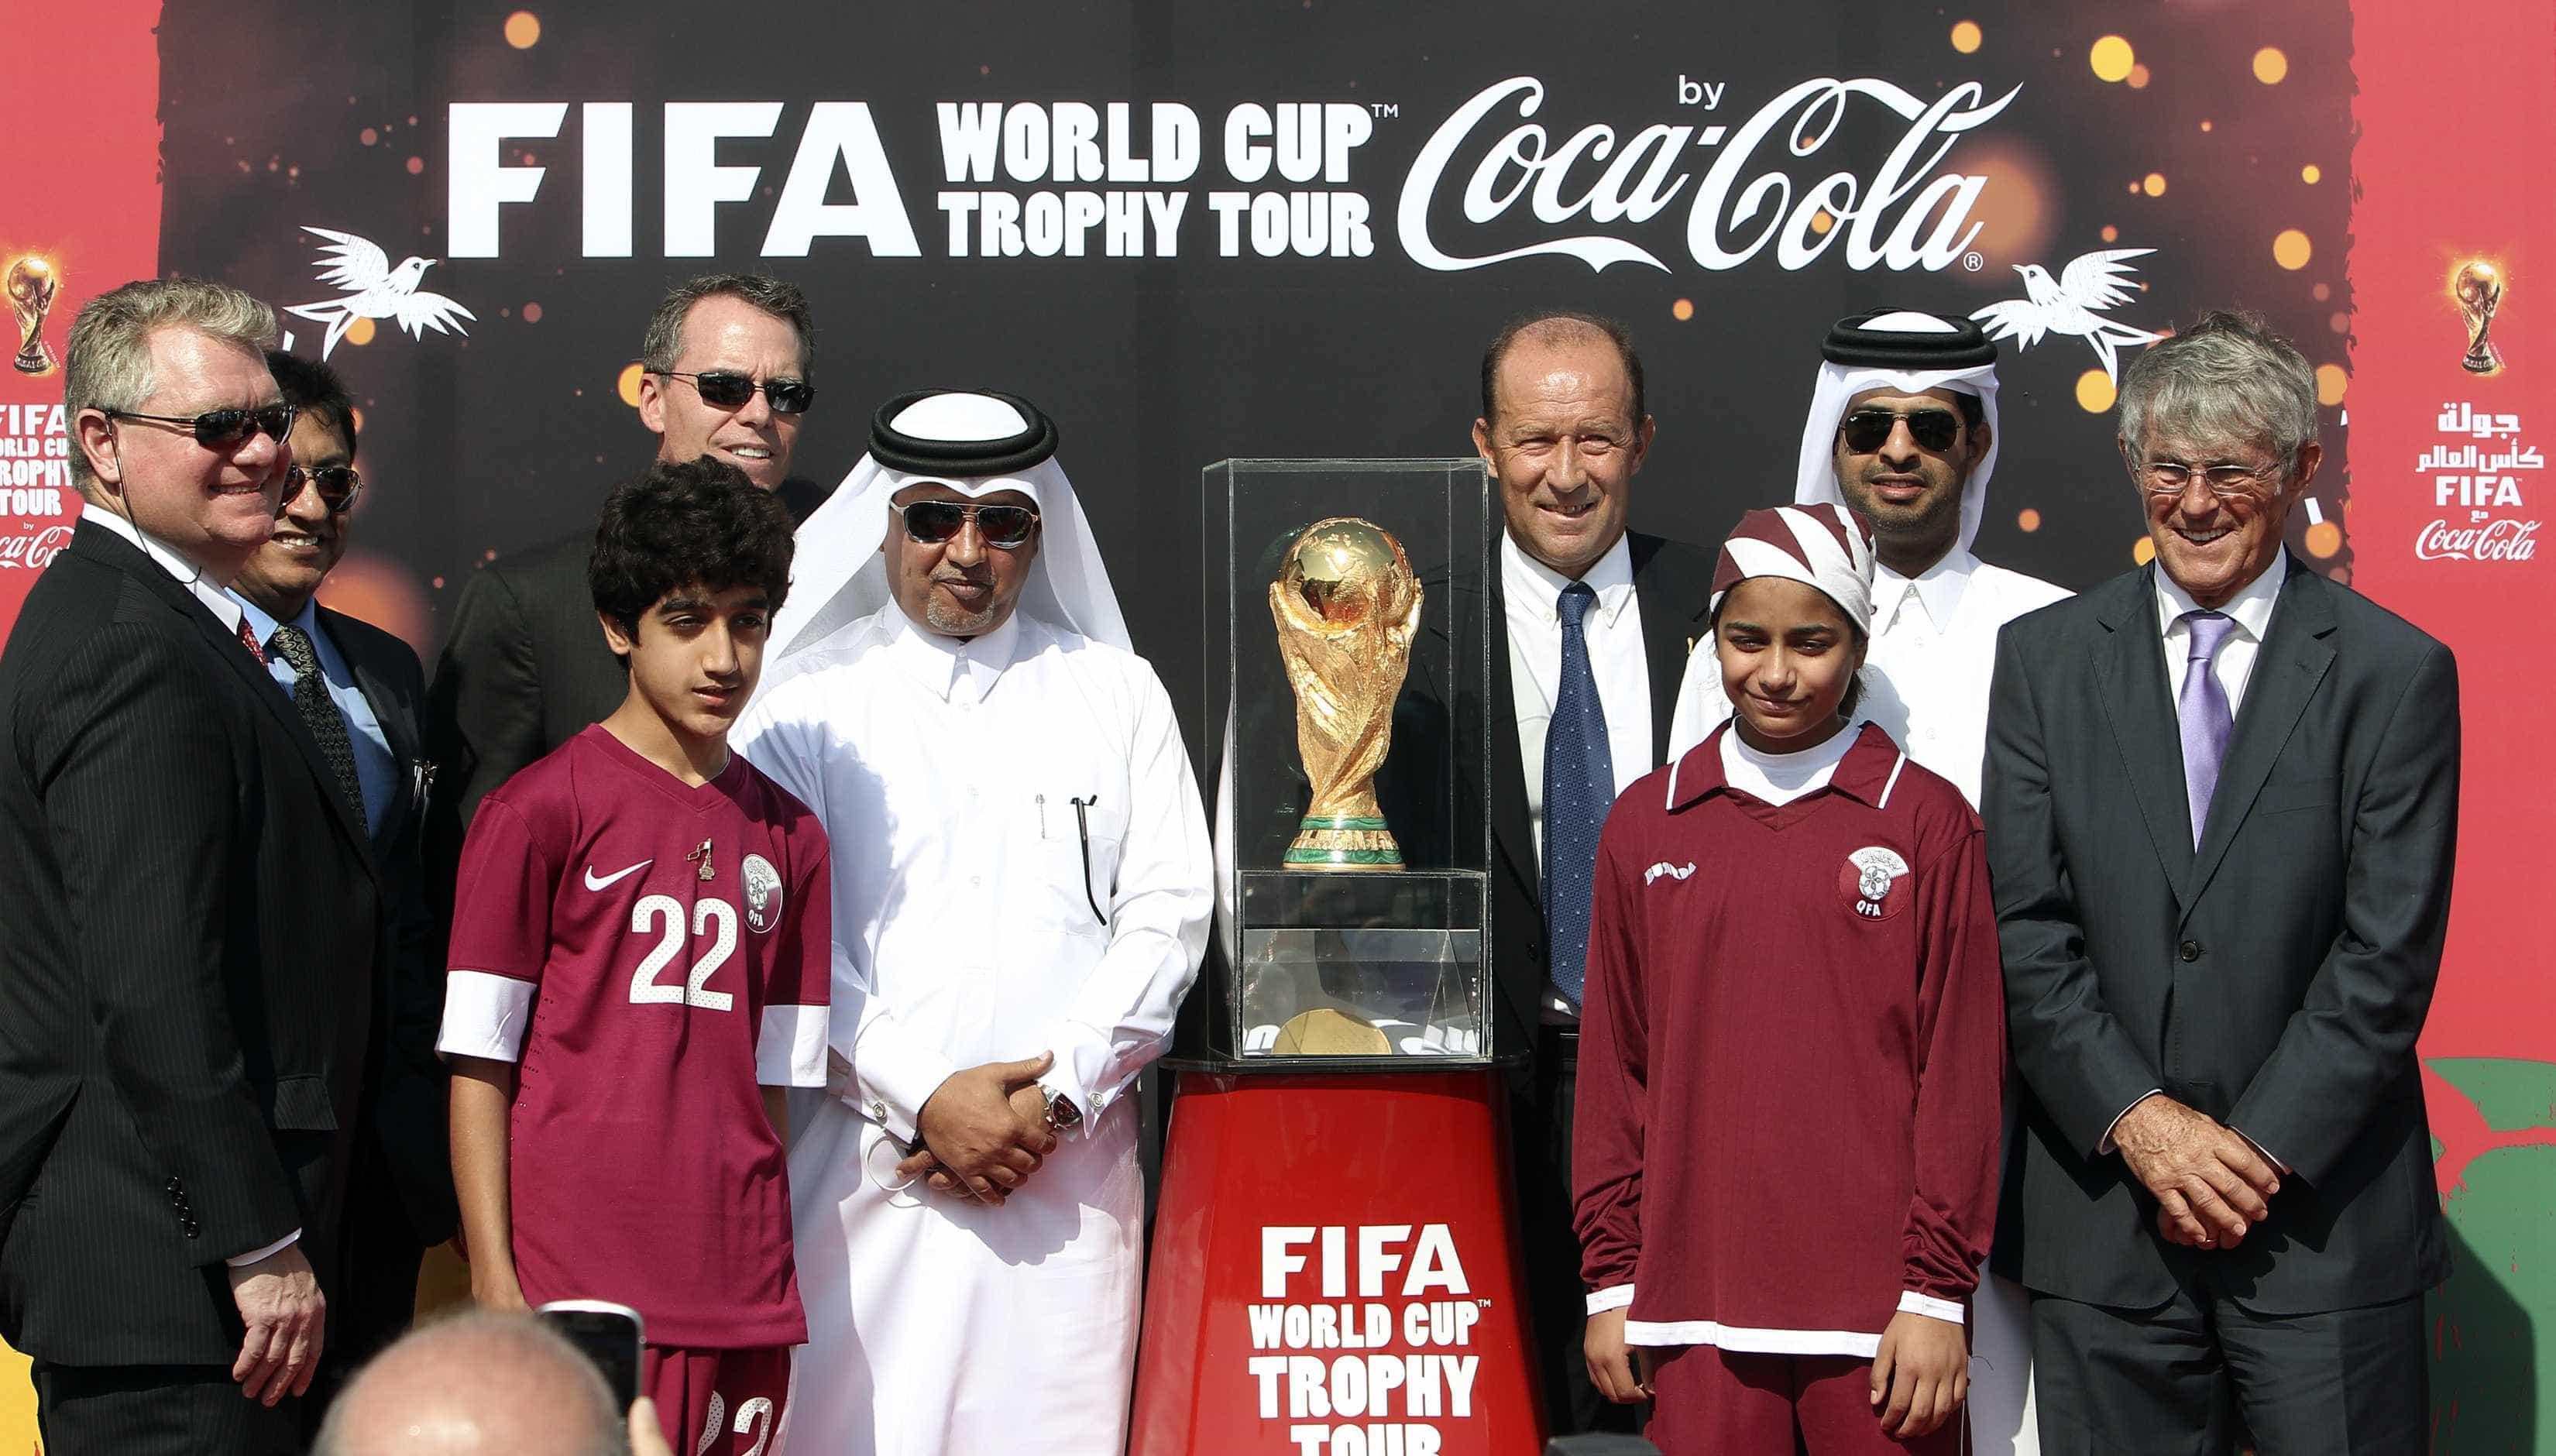 Estala a polémica: Revelados pagamentos multimilionários do Qatar à FIFA